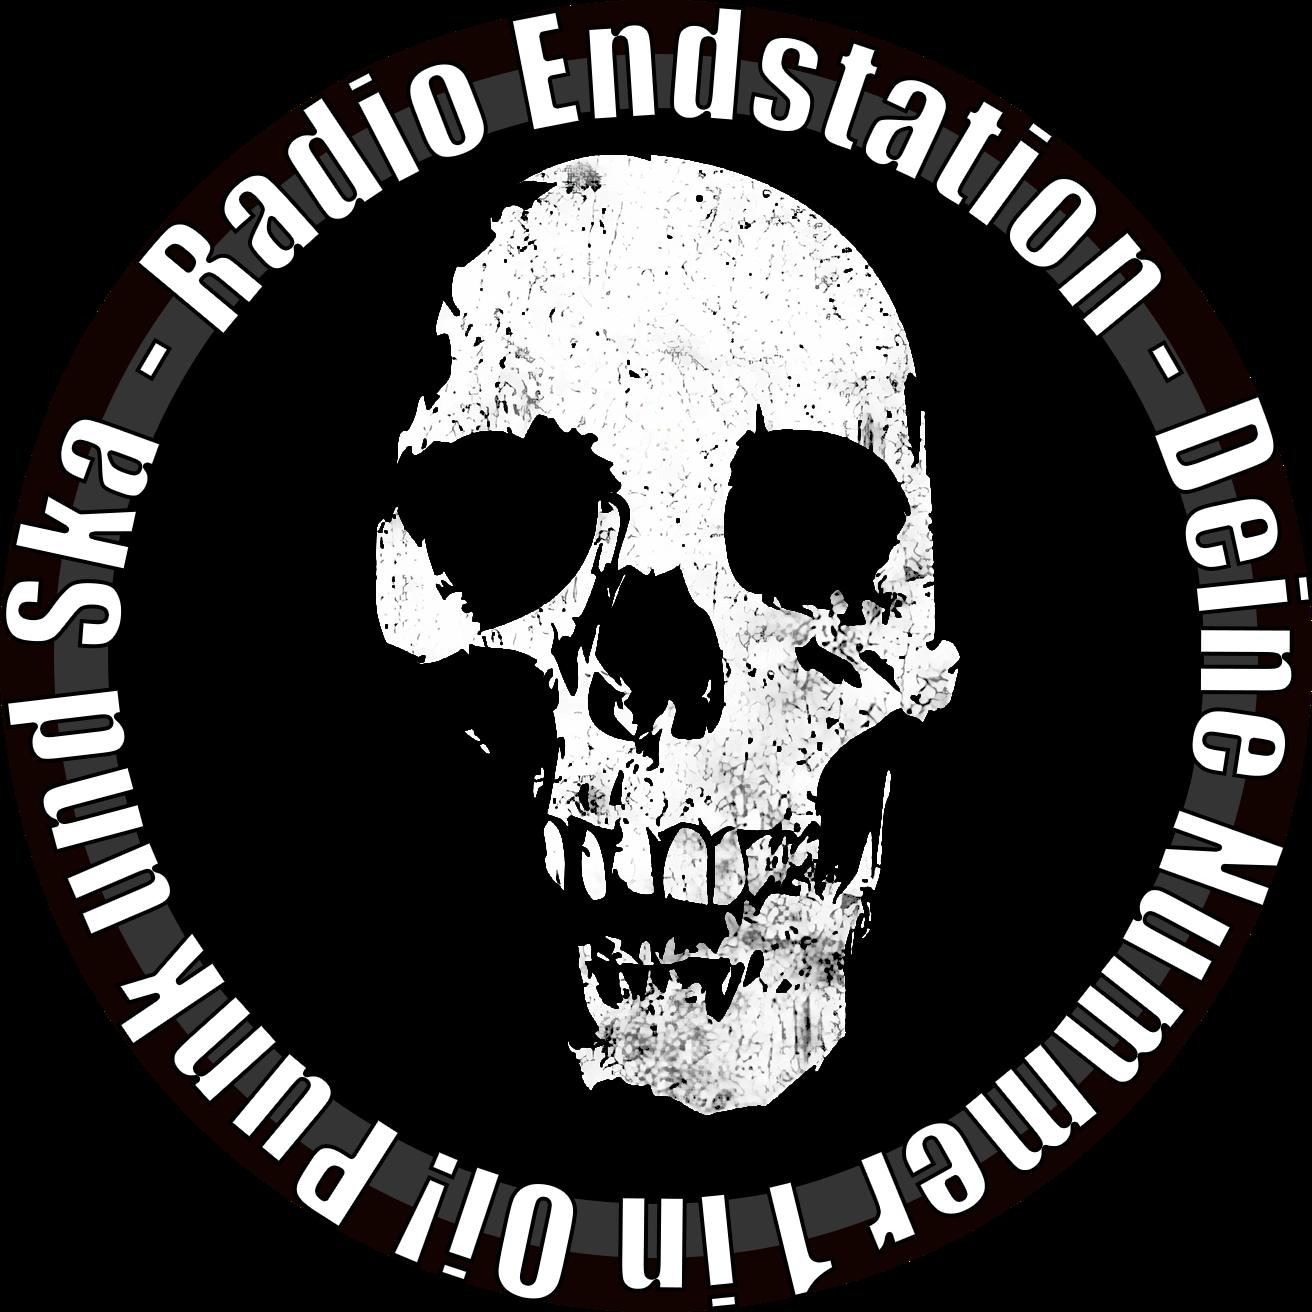 Radio Endstation - Deine Skinhead Nr. 1 in Oi! Punk und Ska